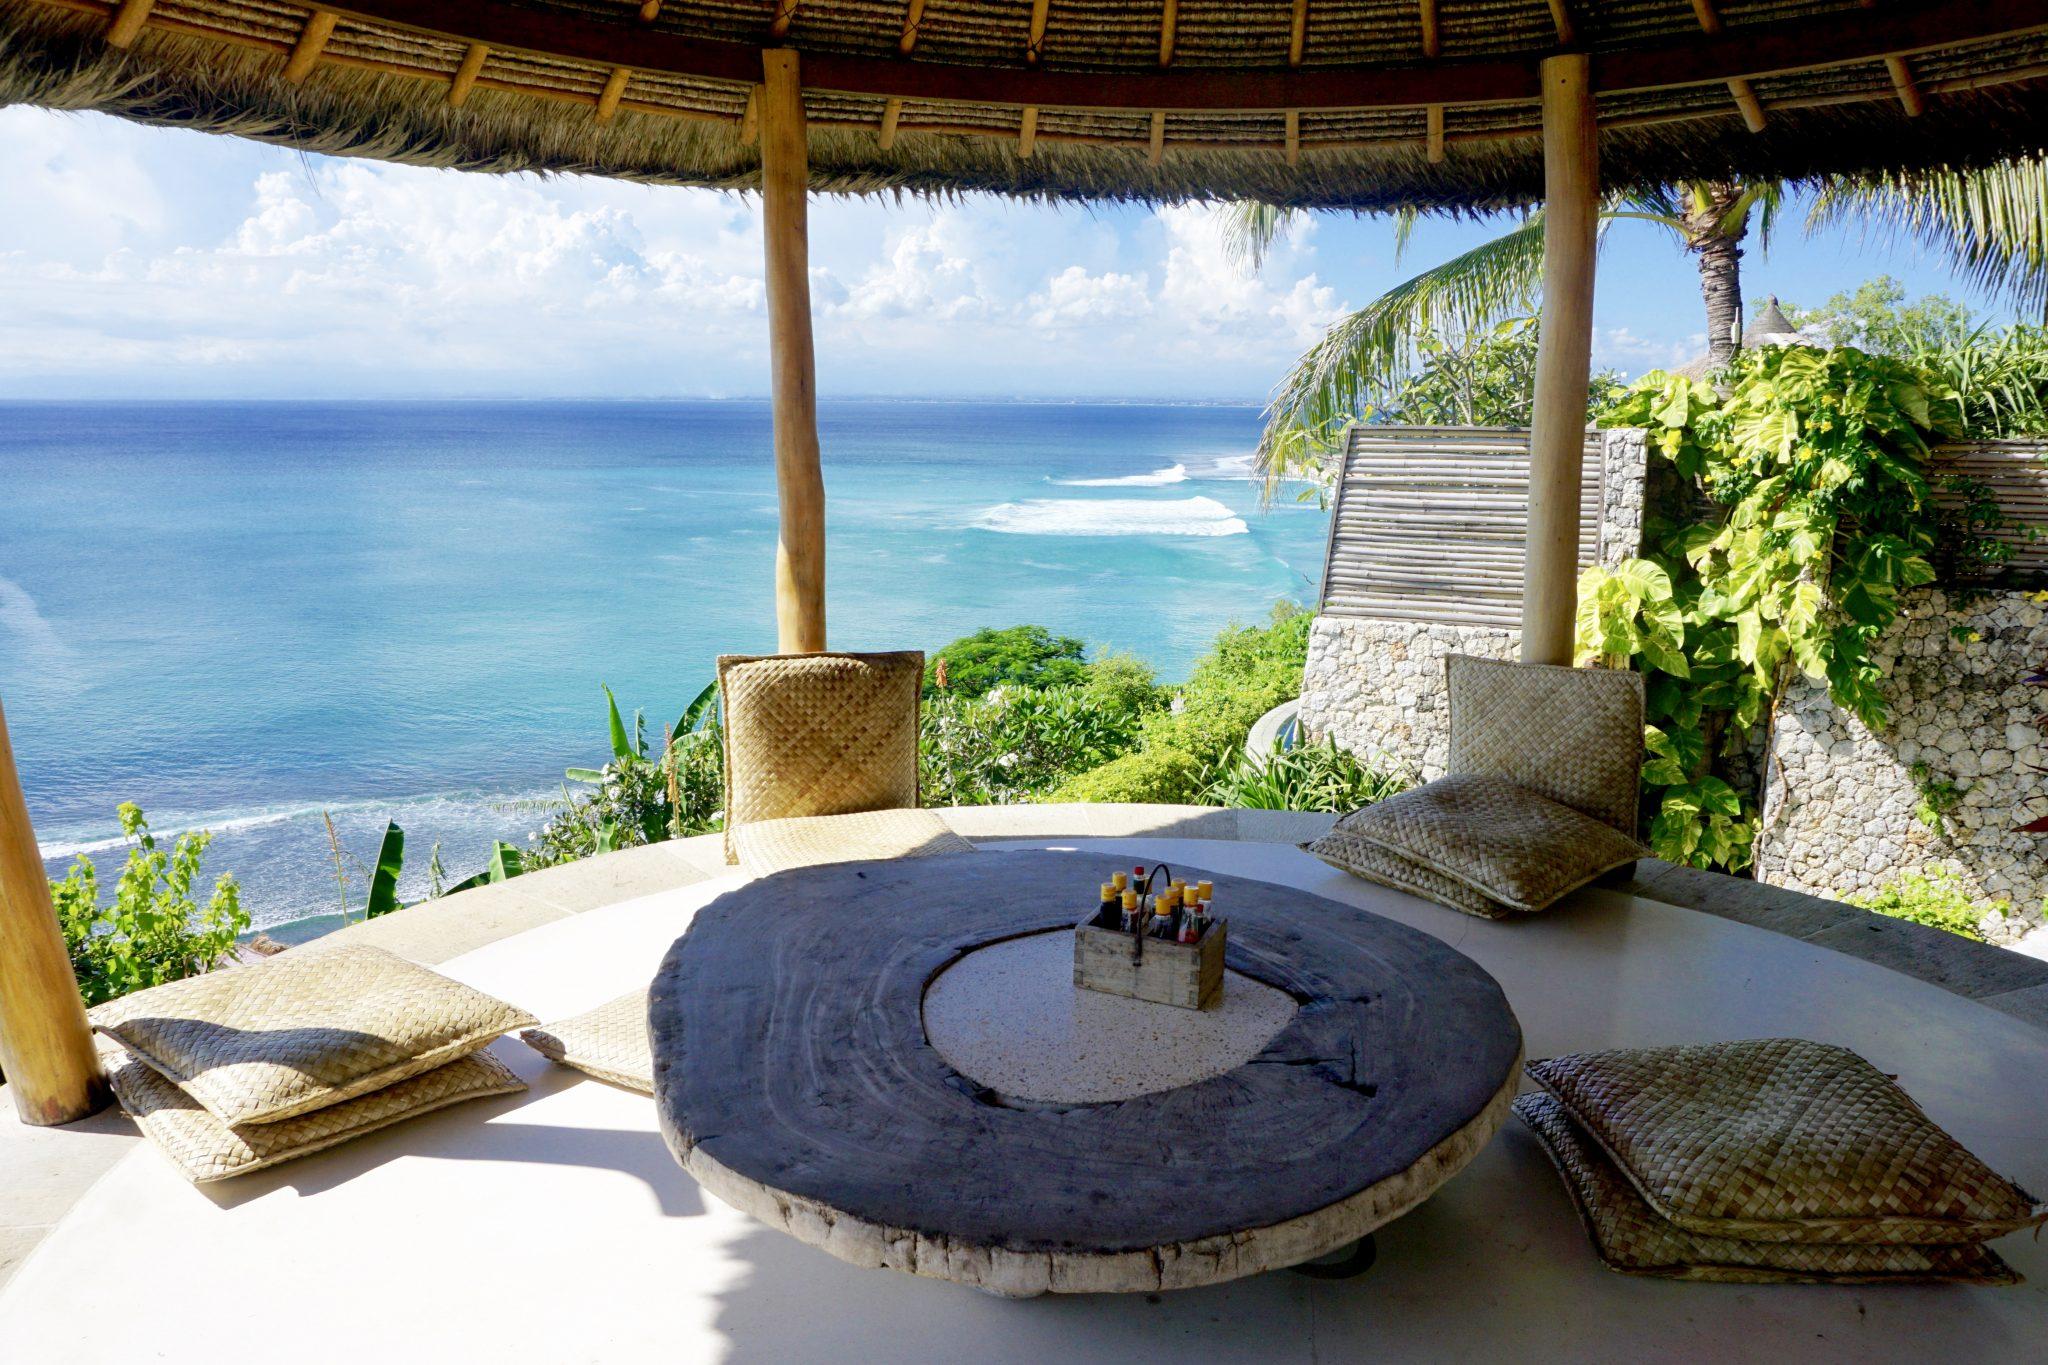 bingin beach, bali, micks place, cliff hotel, ocean views